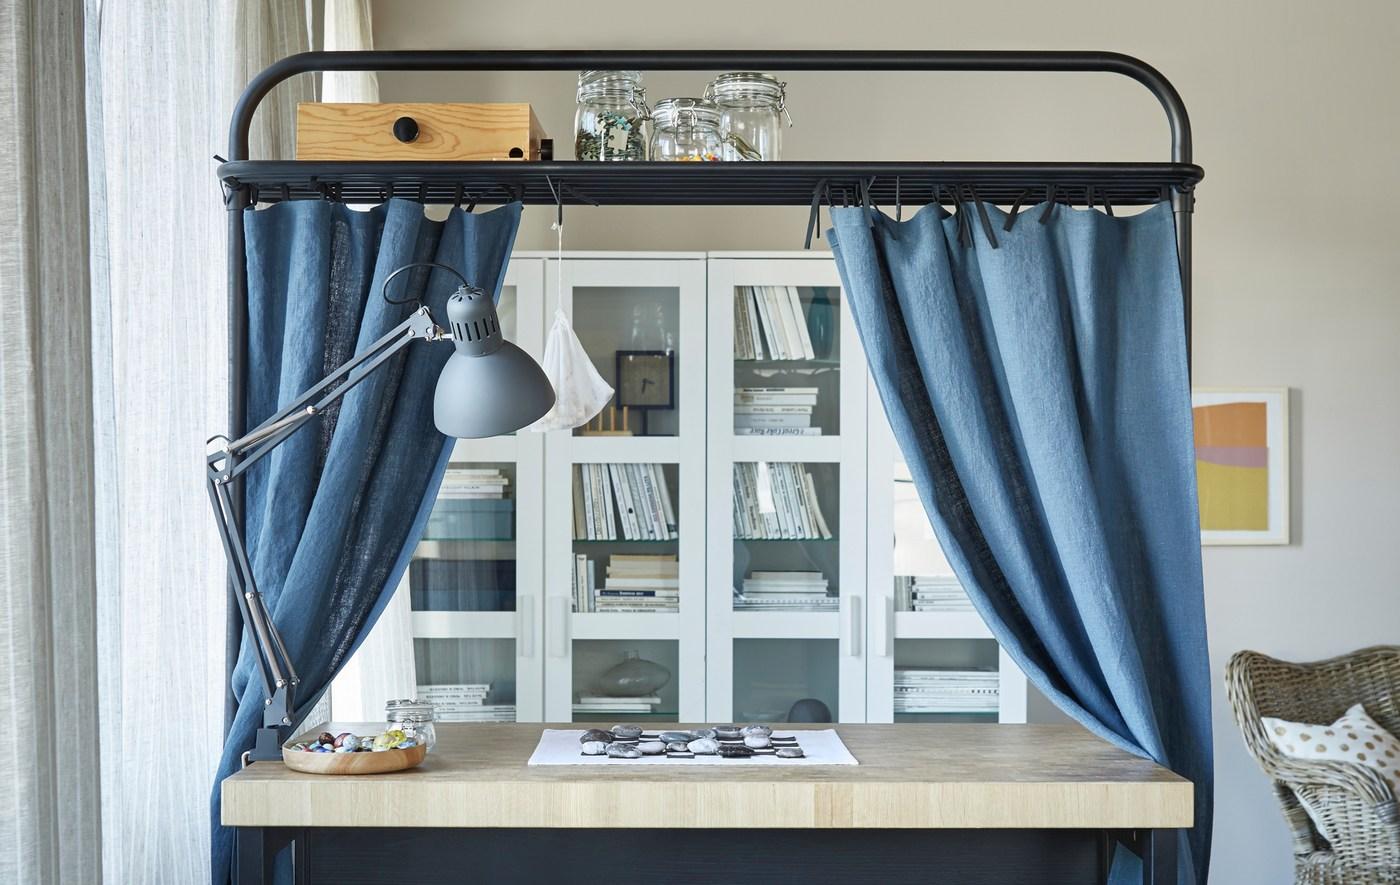 Îlot de cuisine placé dans un salon et équipé de rideaux bleus